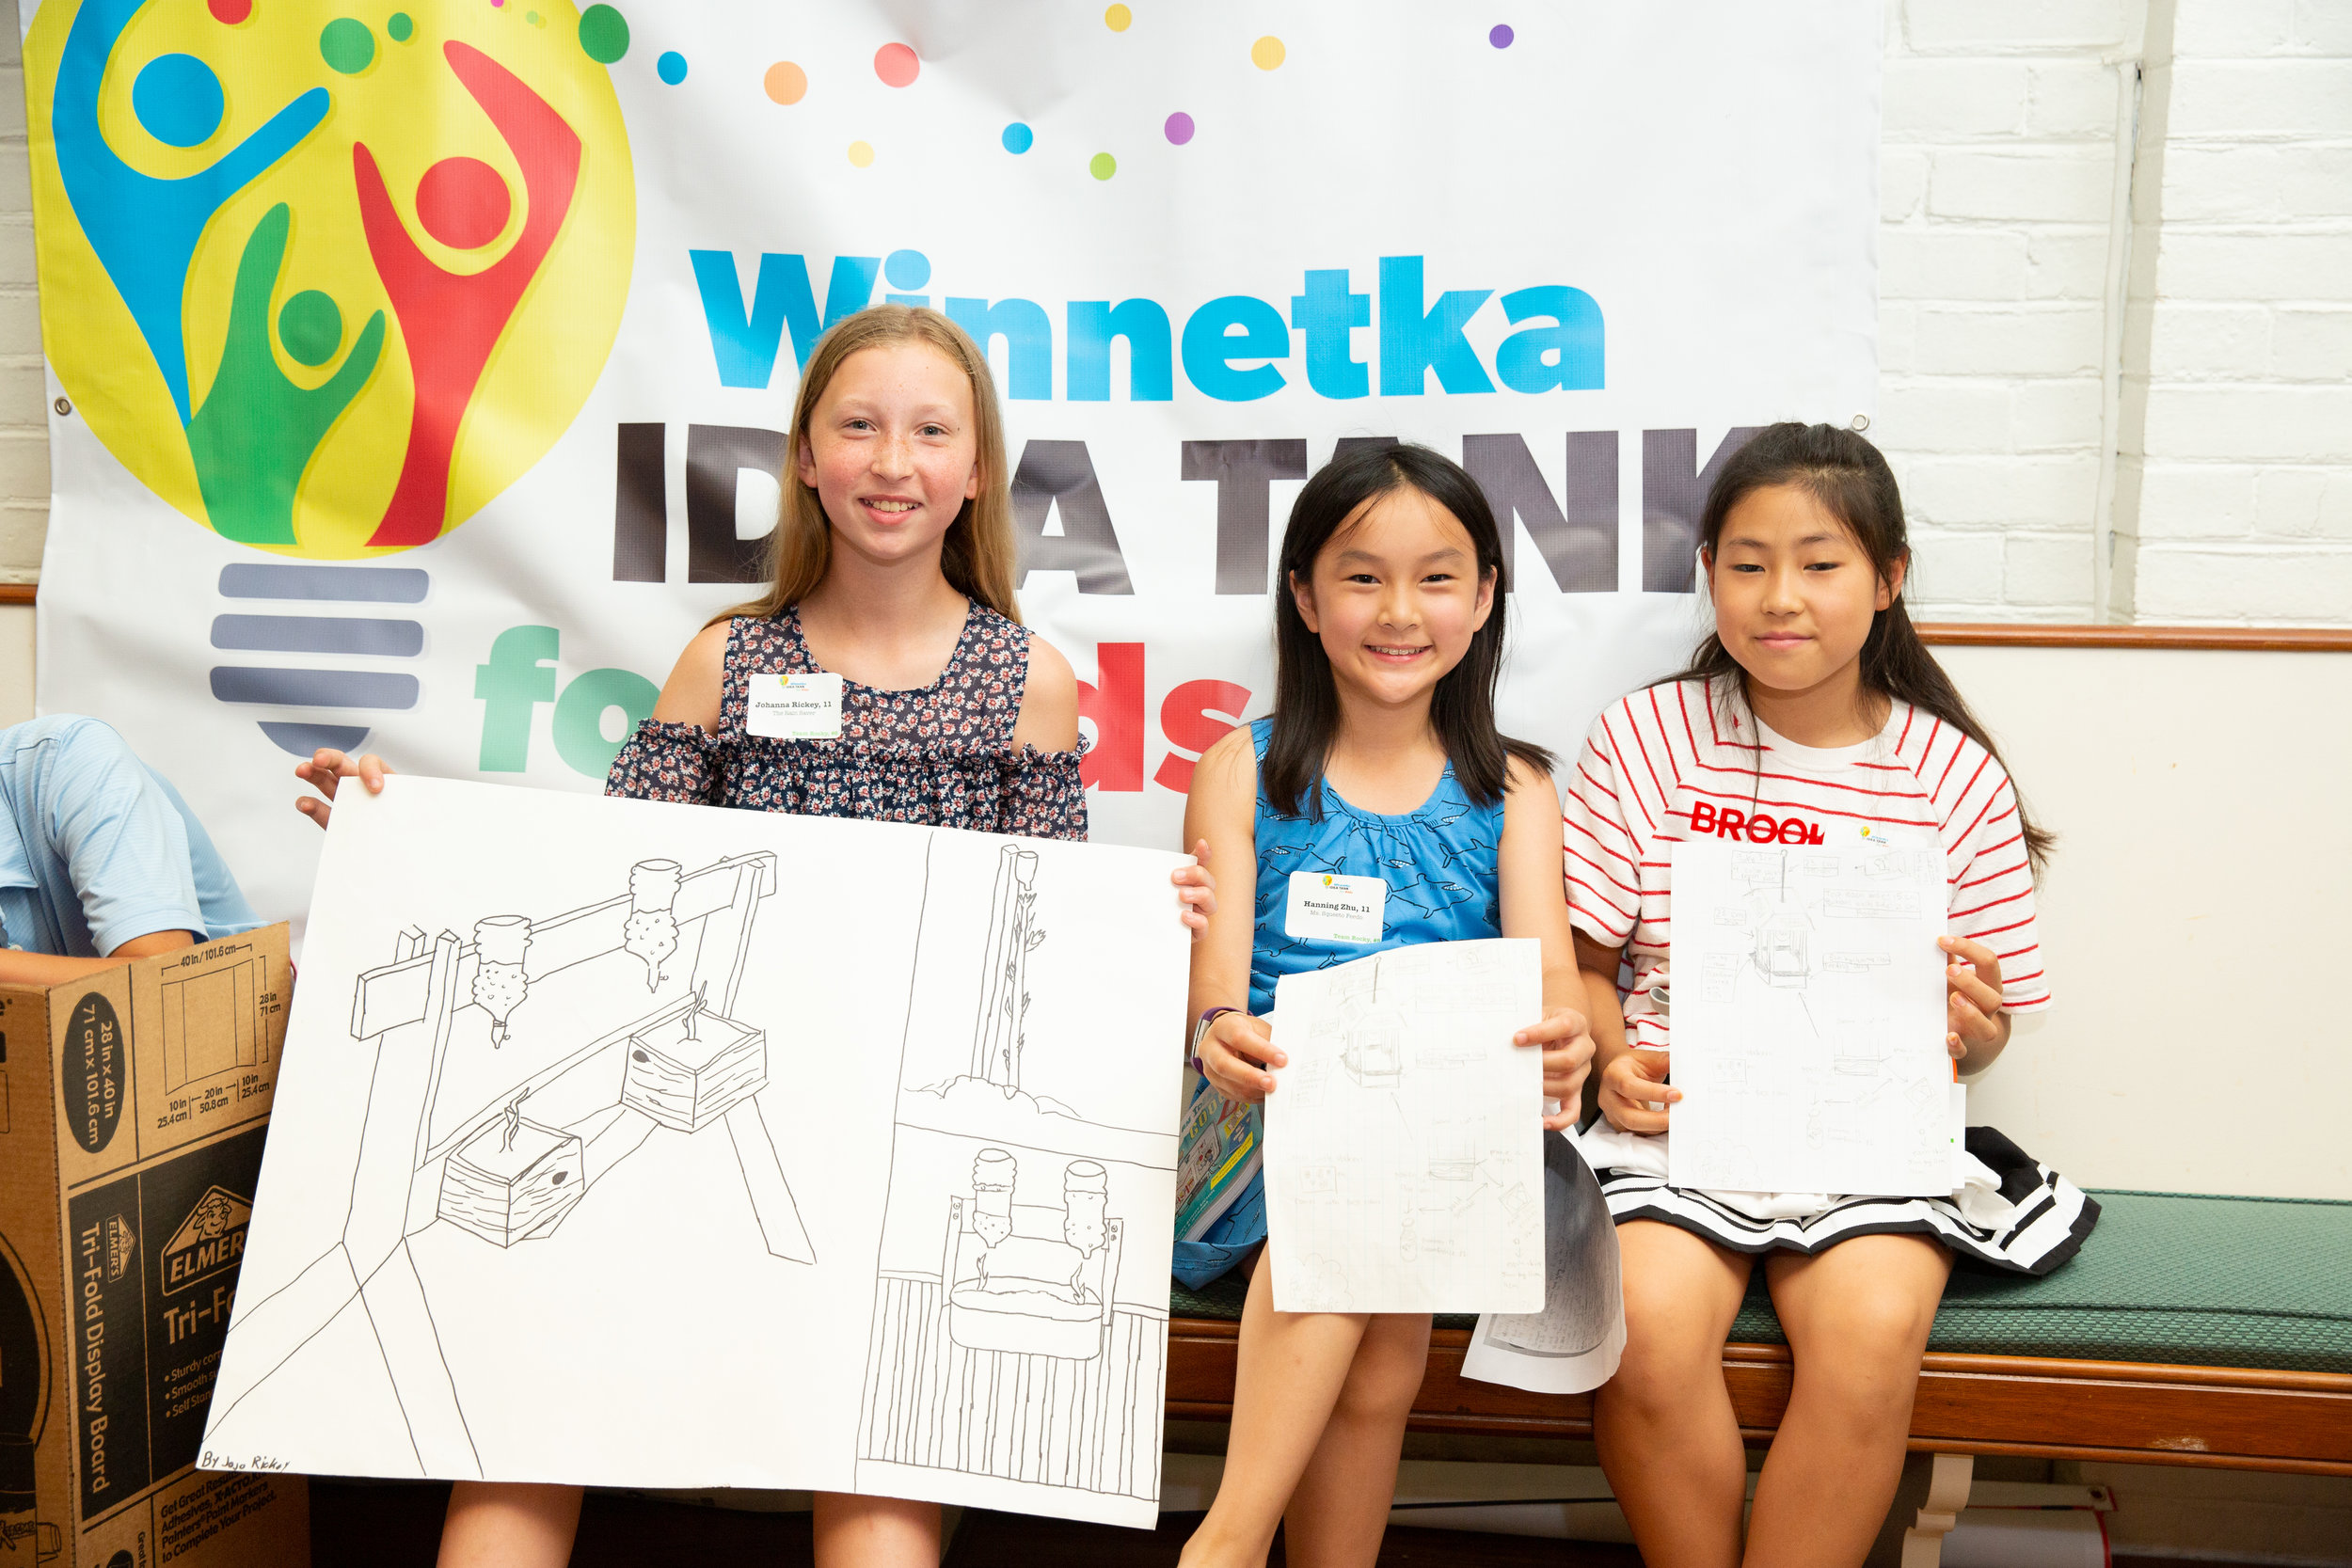 Kid entrepreneurs in the making…